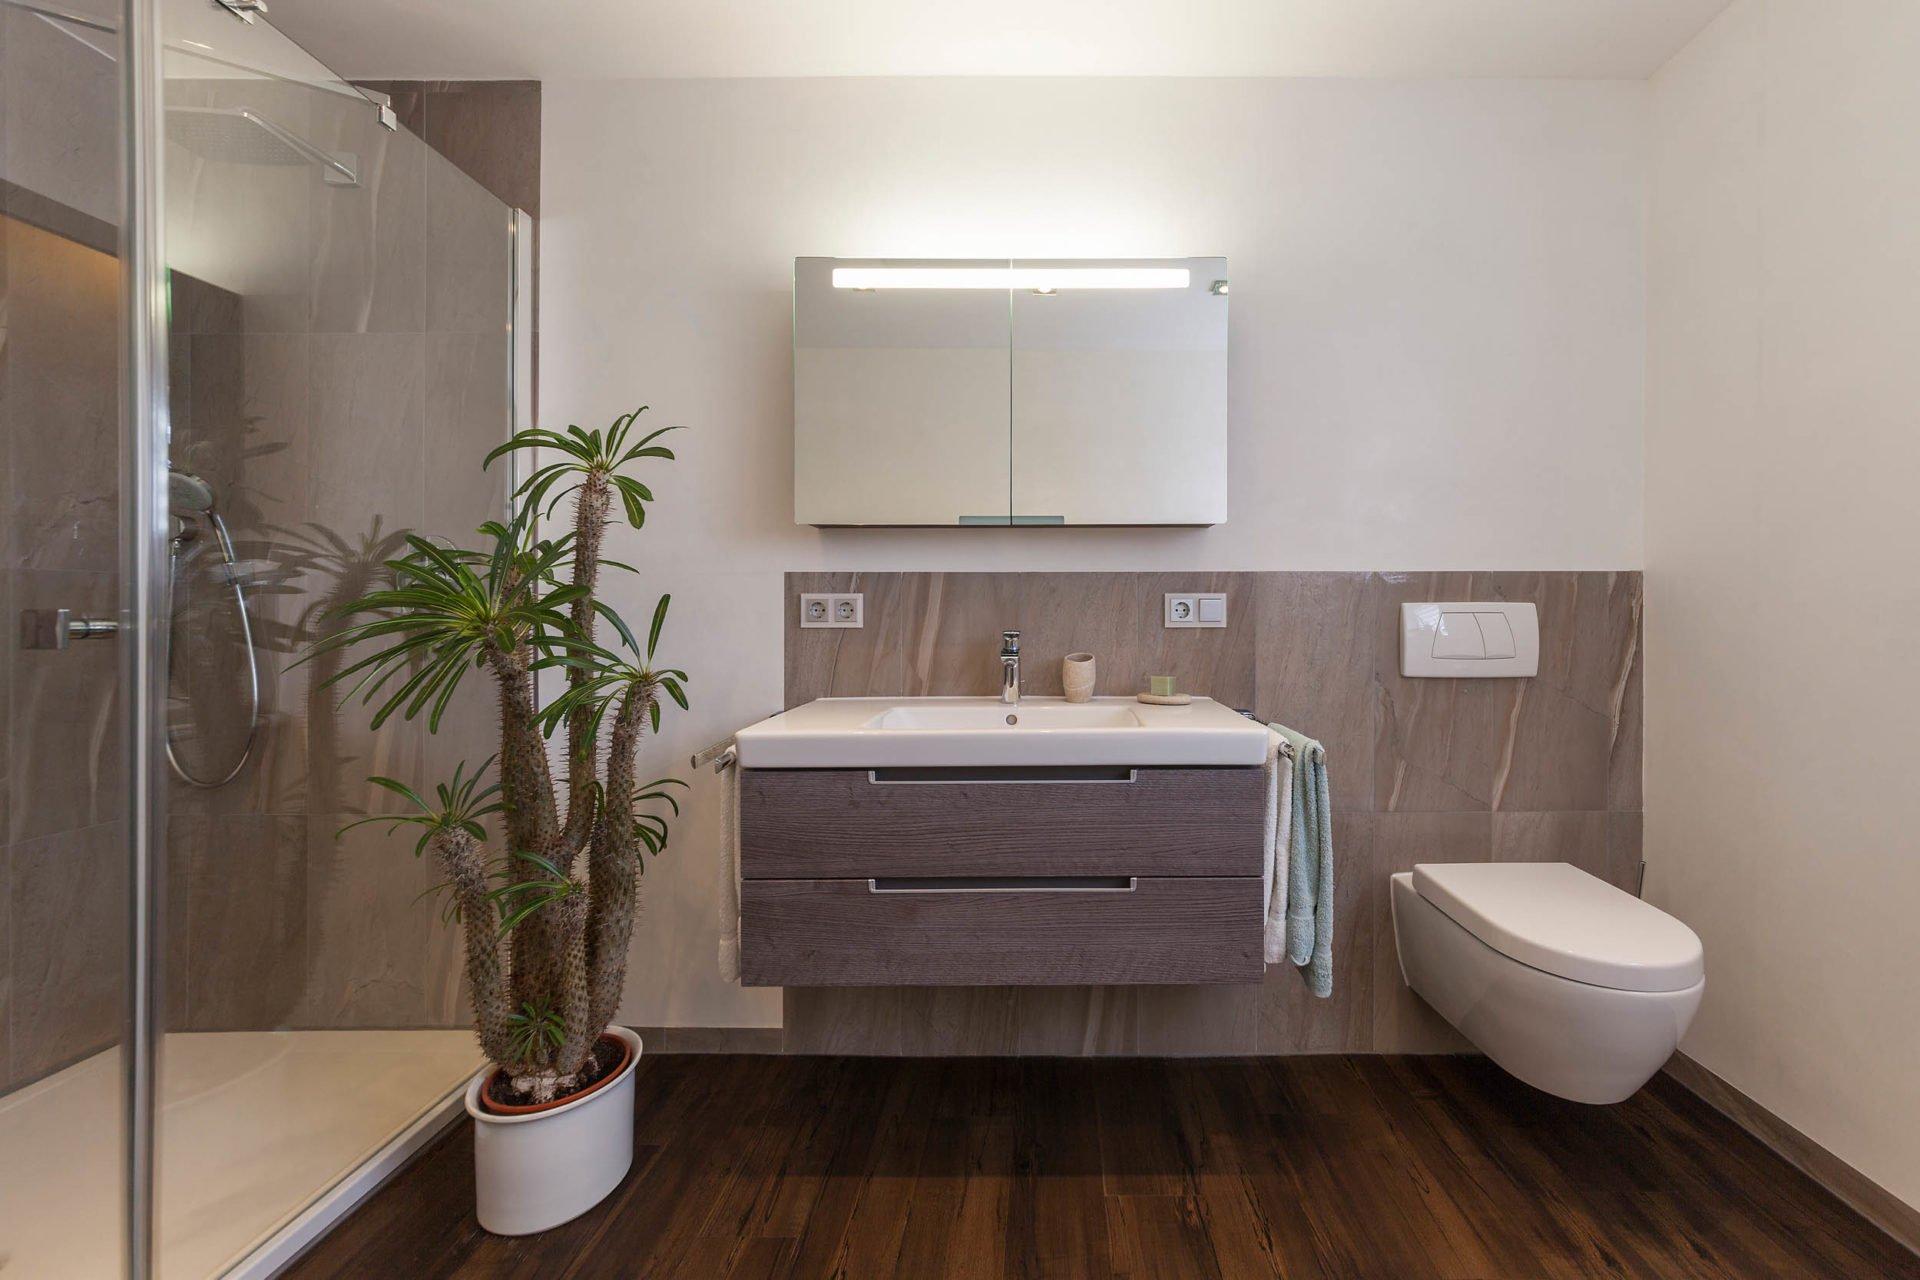 Bad-Referenzbad-marmor-und-holz-Dusche-WC-Spiegelschrank ...